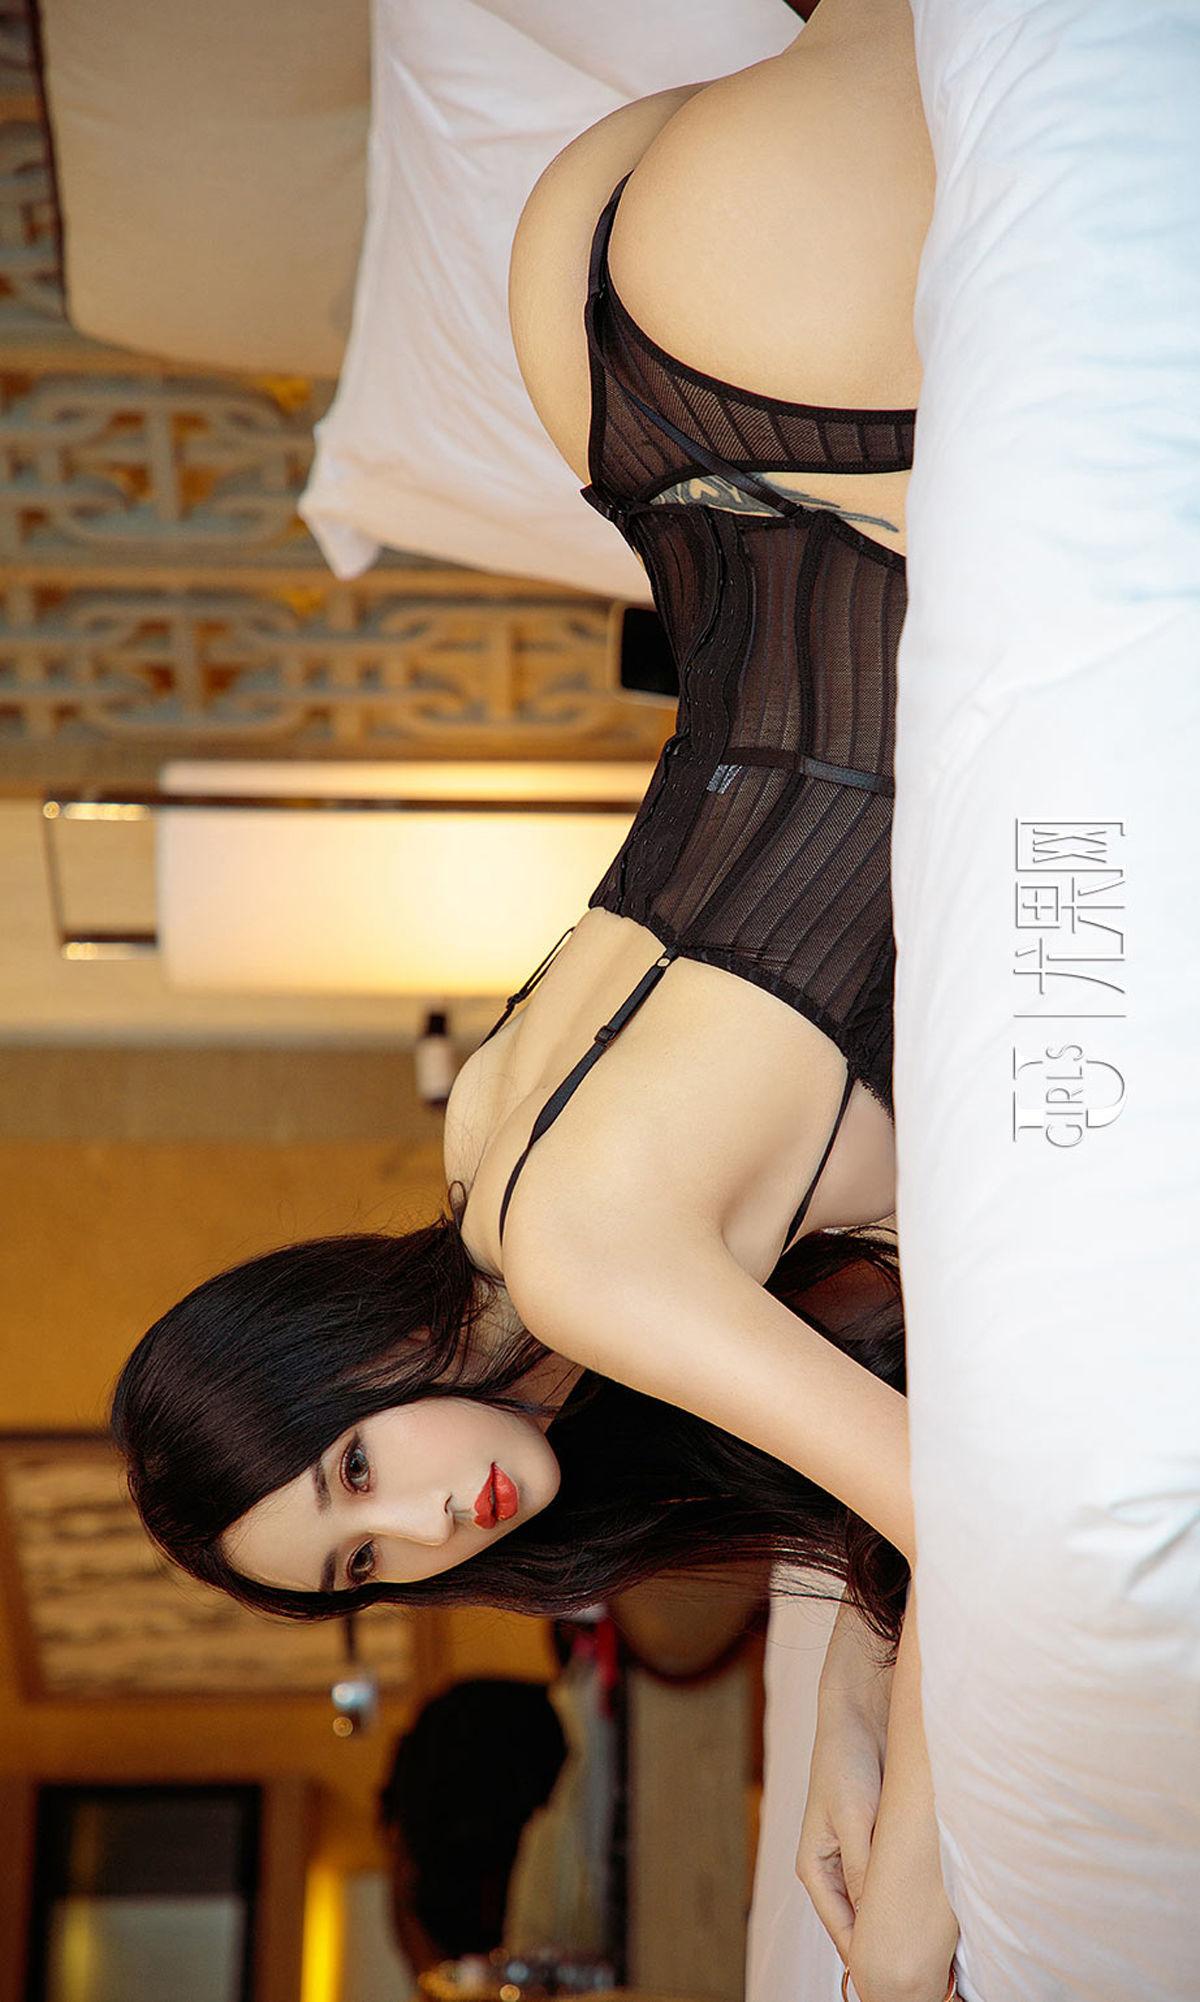 俞夕梦 - 江边花如梦 写真套图